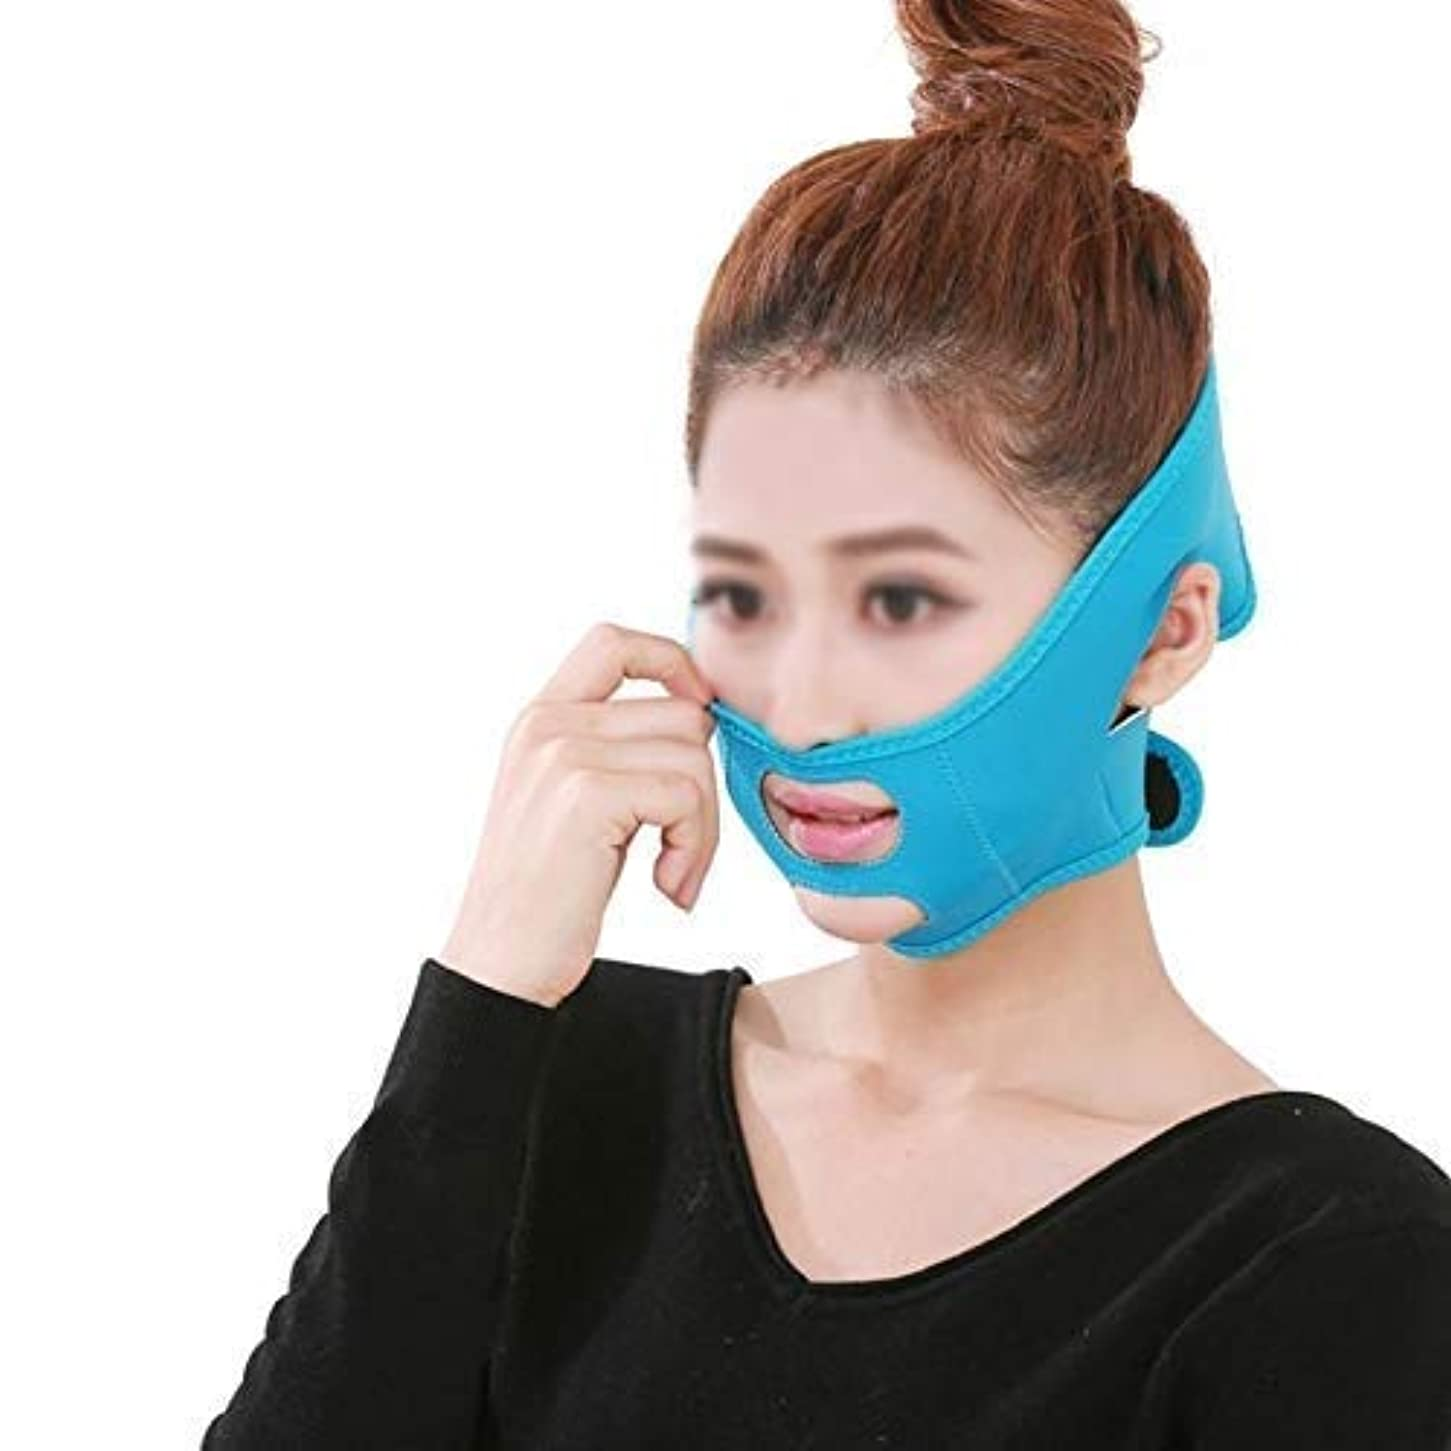 ケープ石の雄弁なフェイスリフトフェイシャル、フェイシャルマスクVフェイスマスクタイトで肌のリラクゼーションを防止Vフェイスアーティファクトフェイスリフトバンデージフェイスケア(色:青)